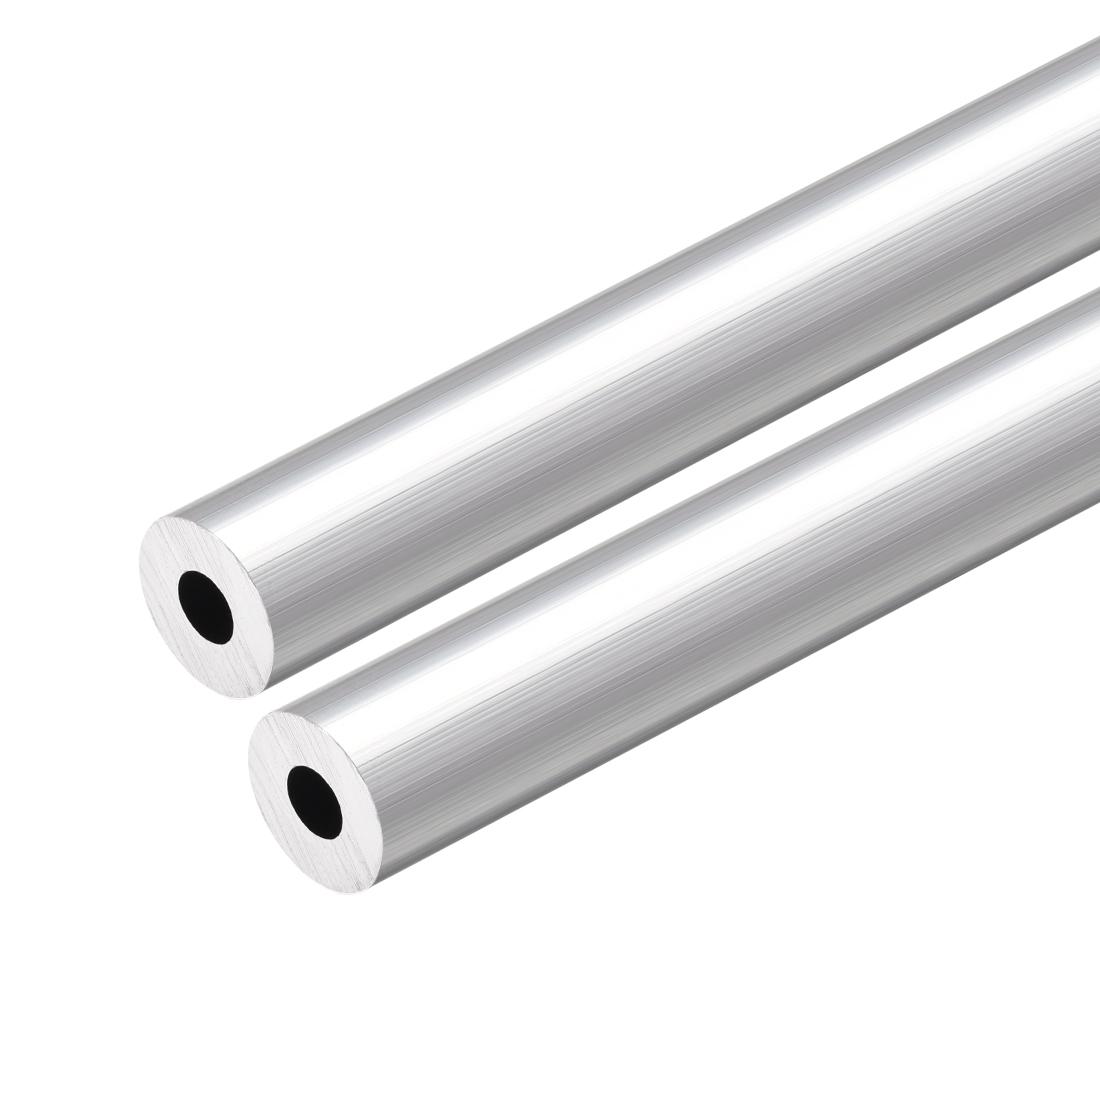 6063 Aluminum Round Tube 300mm Length 12mm OD 5mm Inner Dia Seamless Tubing 2pcs